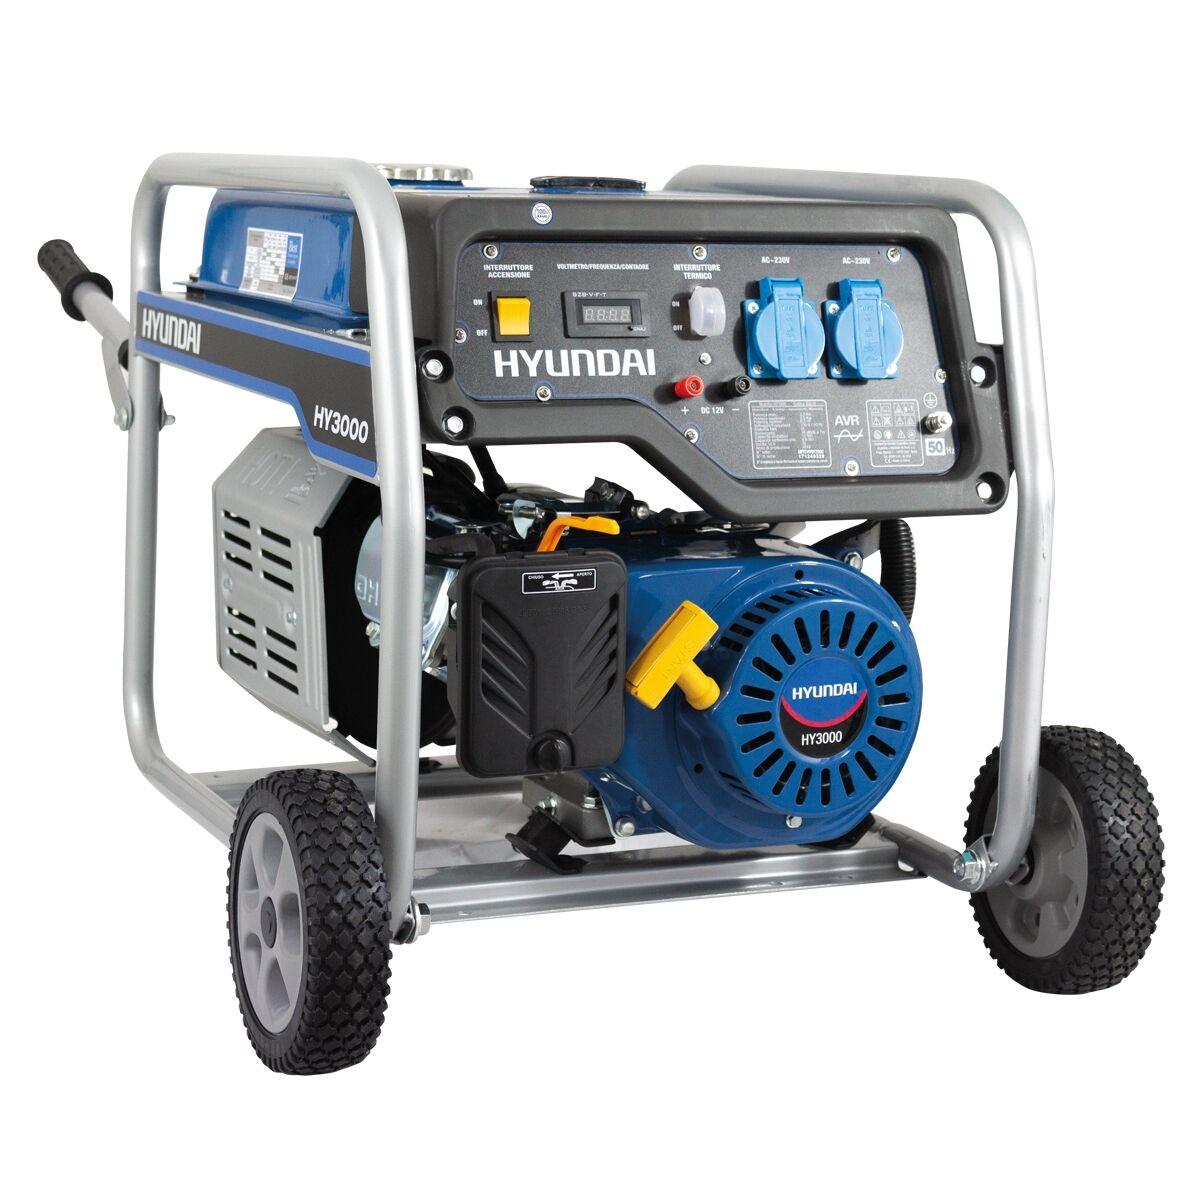 hyundai generatore di corrente  hy3000 a benzina 2,8 kw 65010